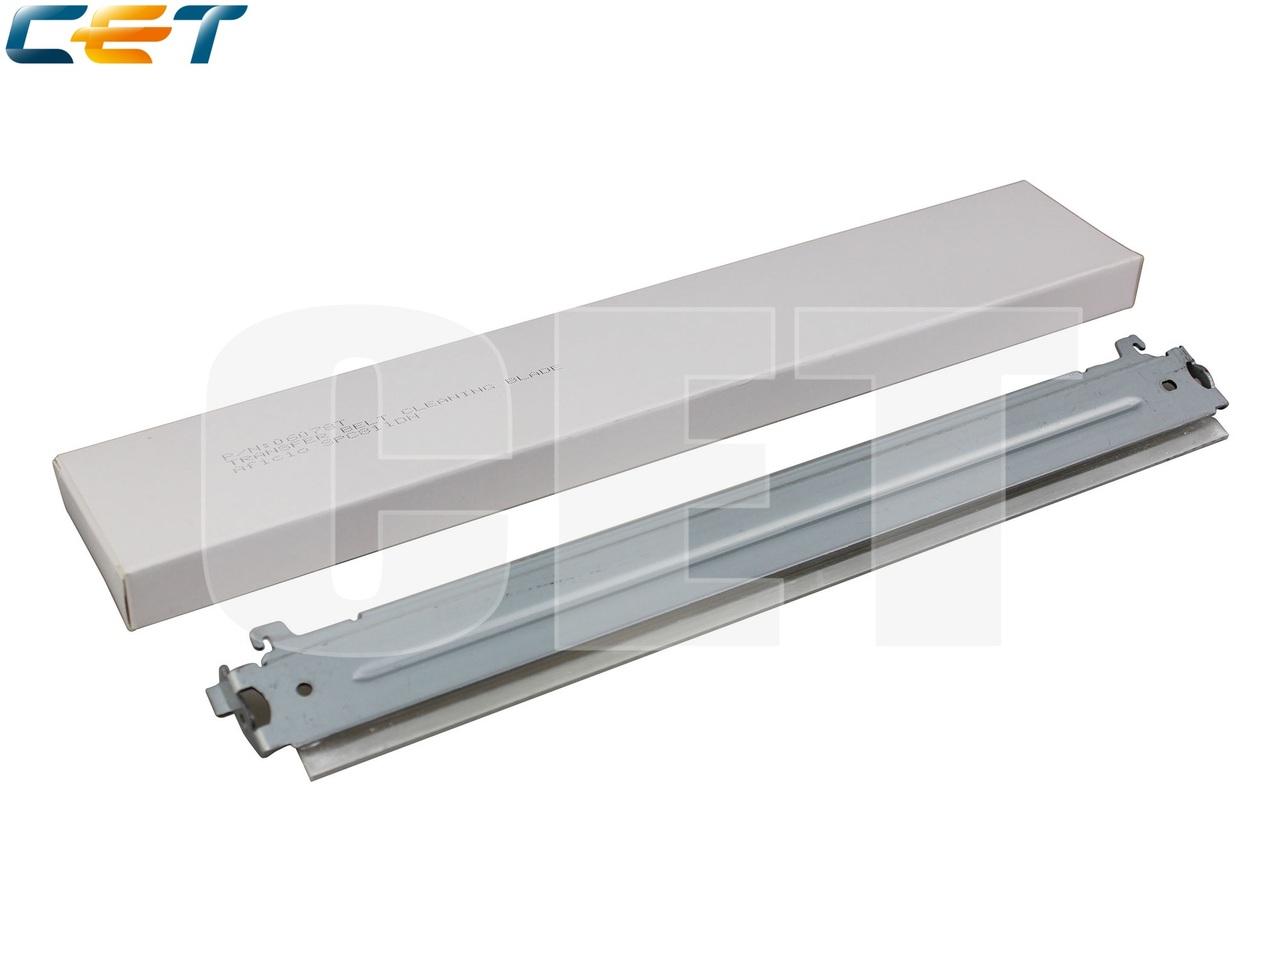 Лезвие очистки ленты переноса для RICOH AficioMPC2500/MPC3000 (CET), CET6078